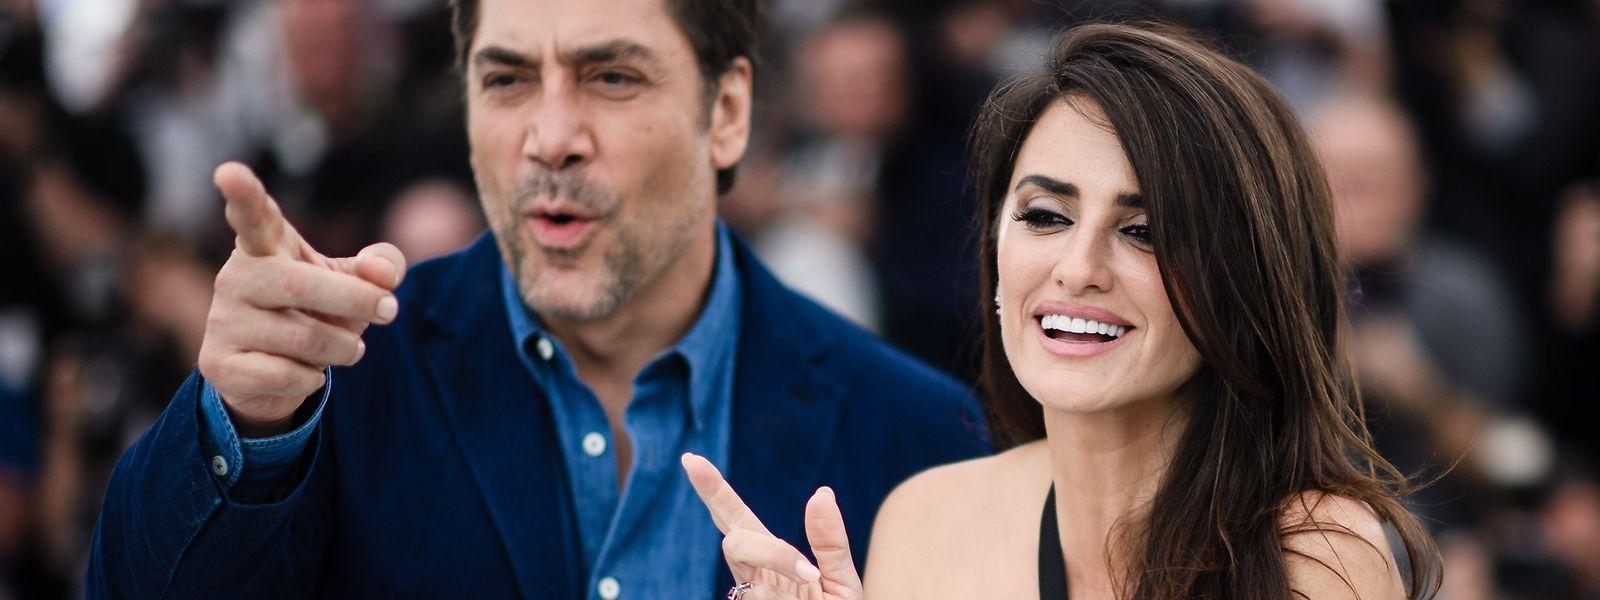 O casal Barcruz fez as delícias do festival de Cannes.